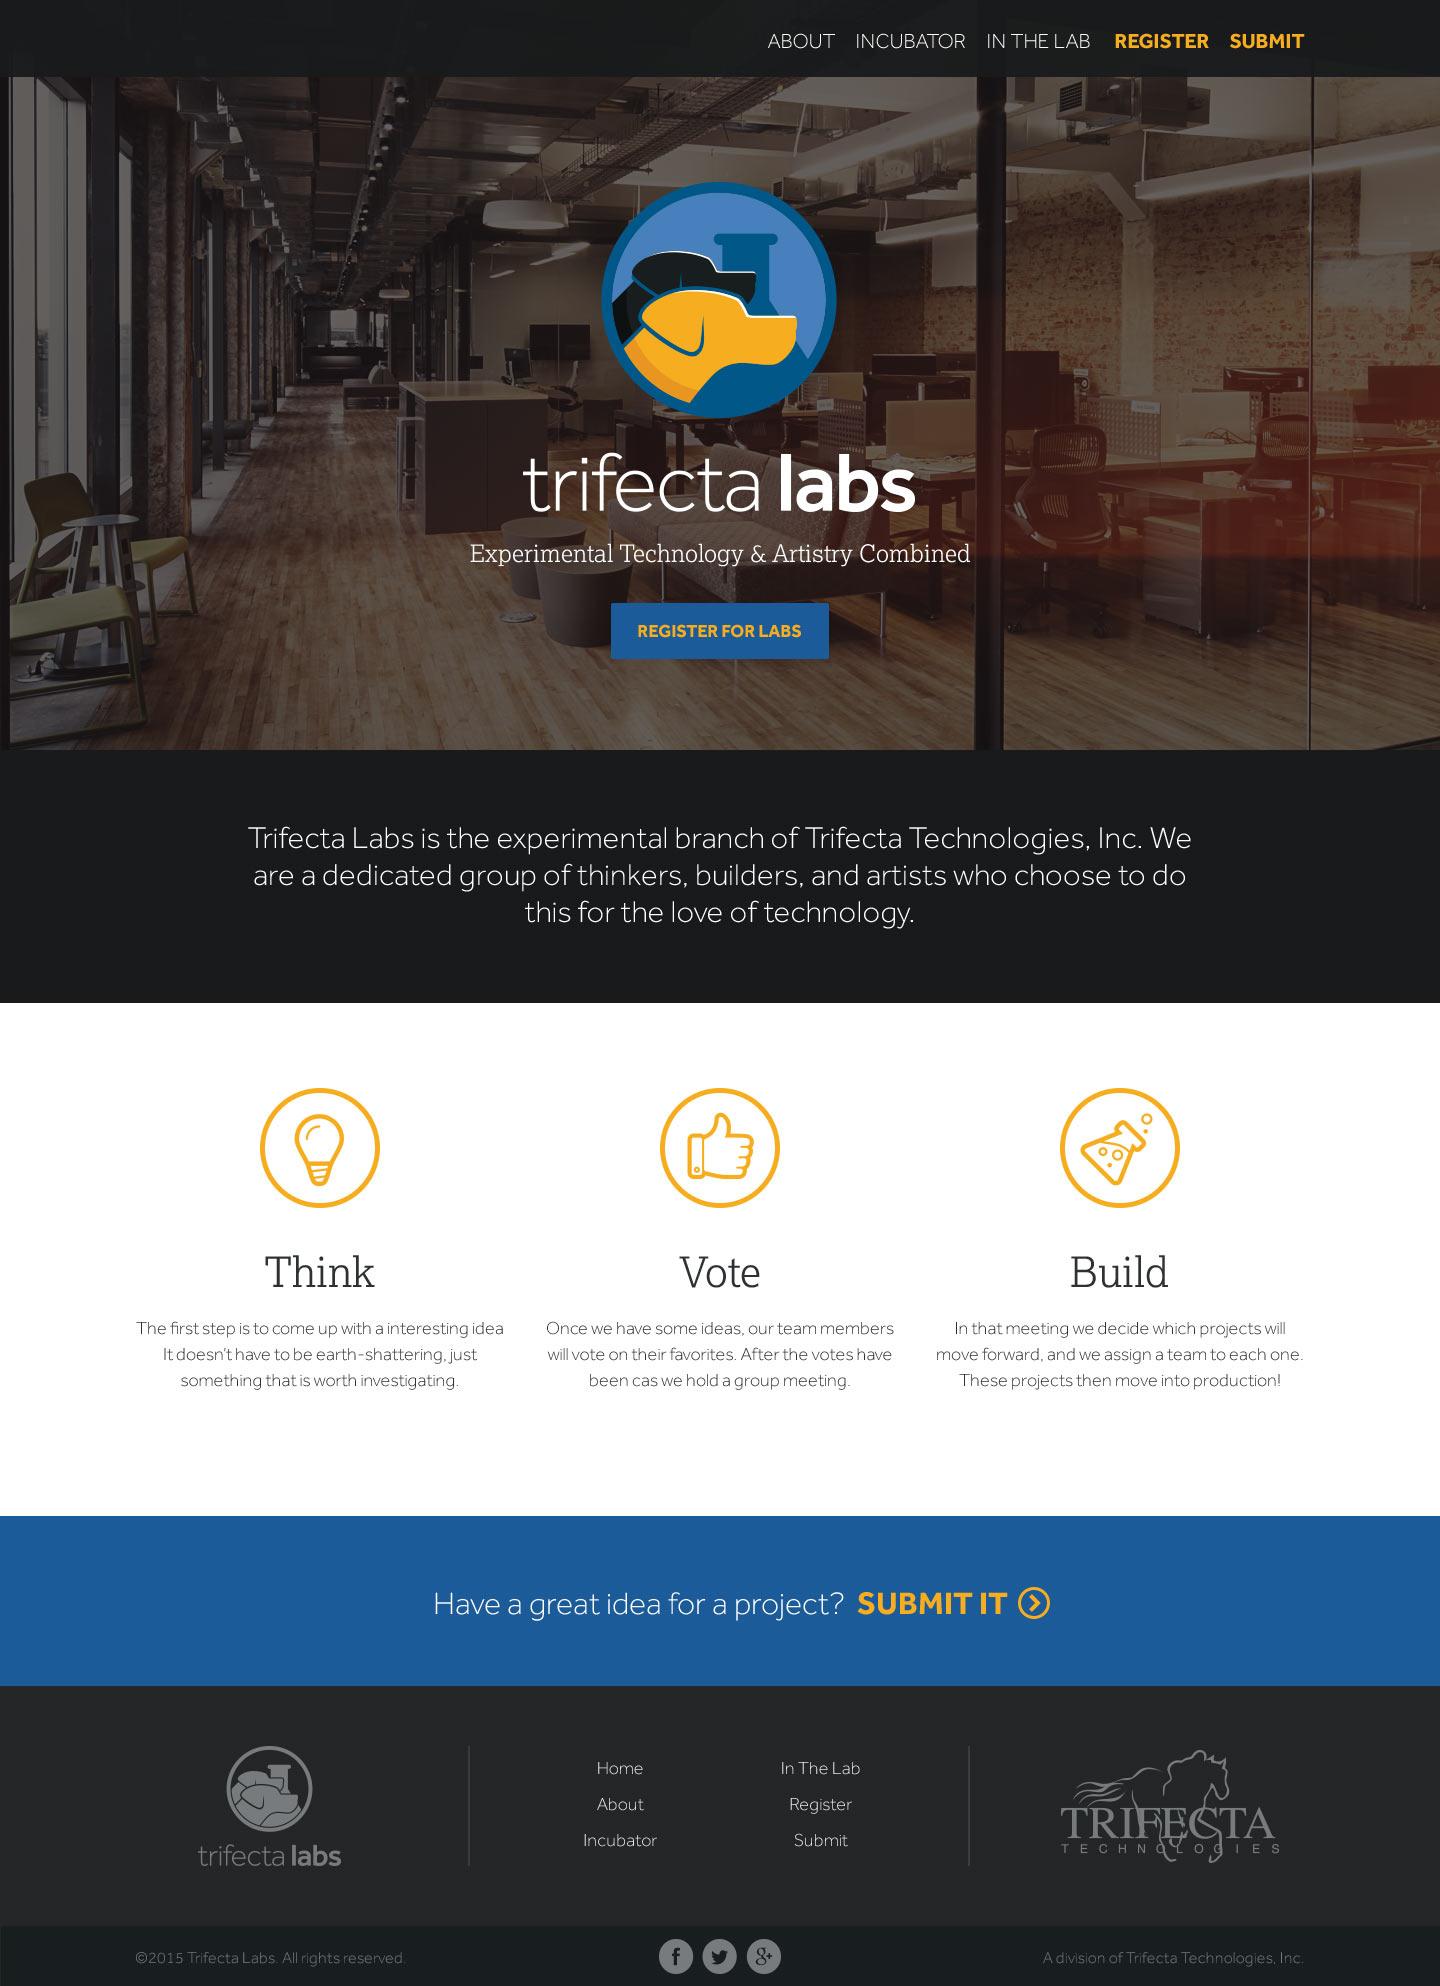 labs.trifecta.com_home.jpg